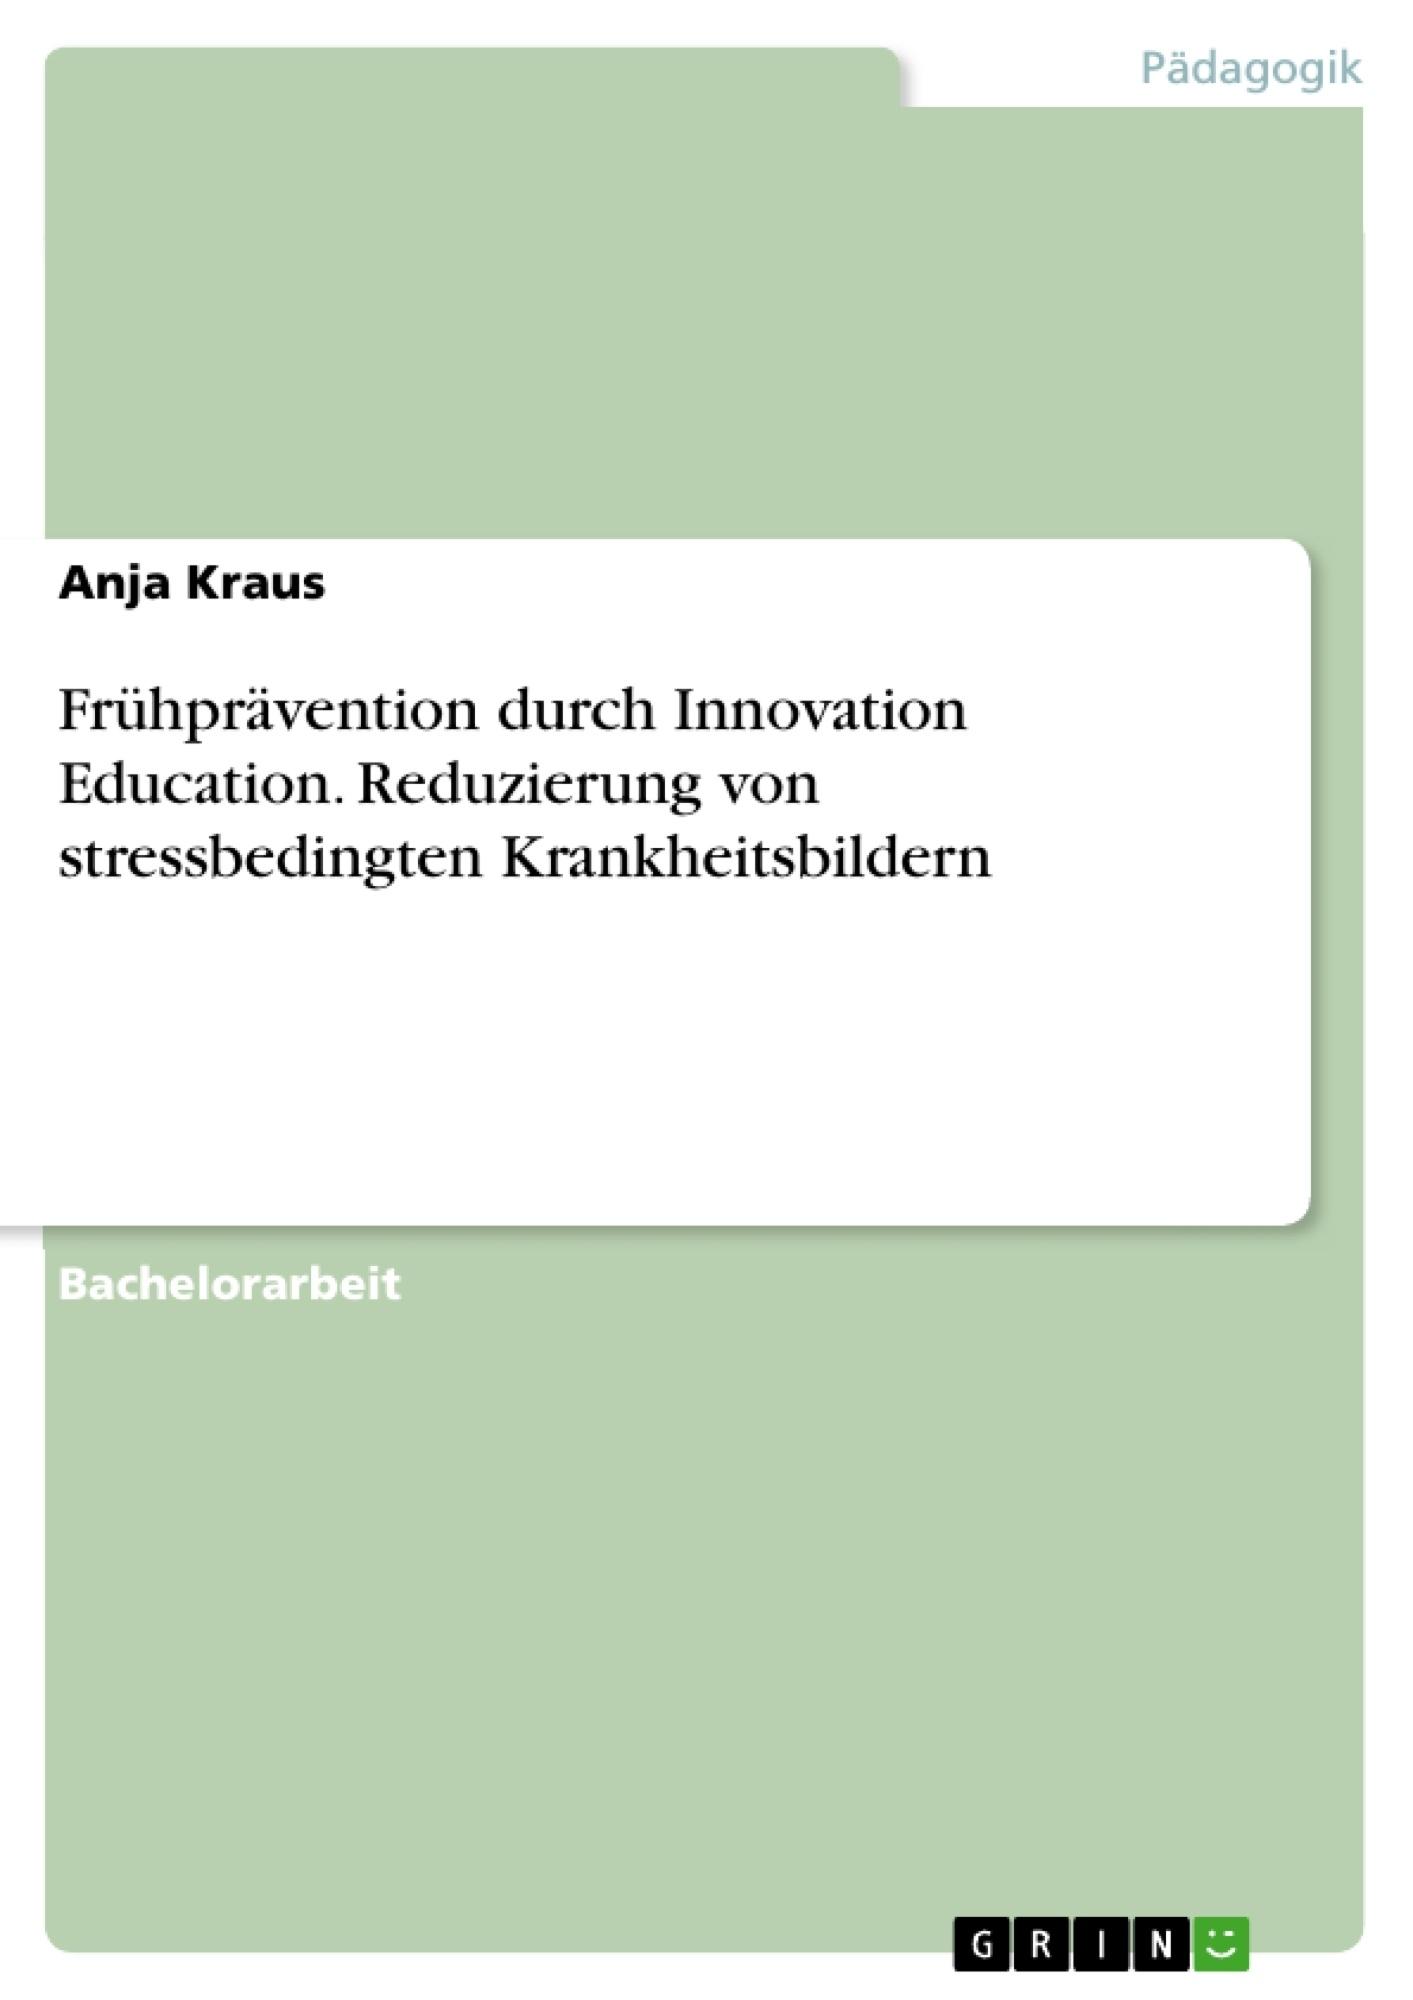 Titel: Frühprävention durch Innovation Education. Reduzierung von stressbedingten Krankheitsbildern